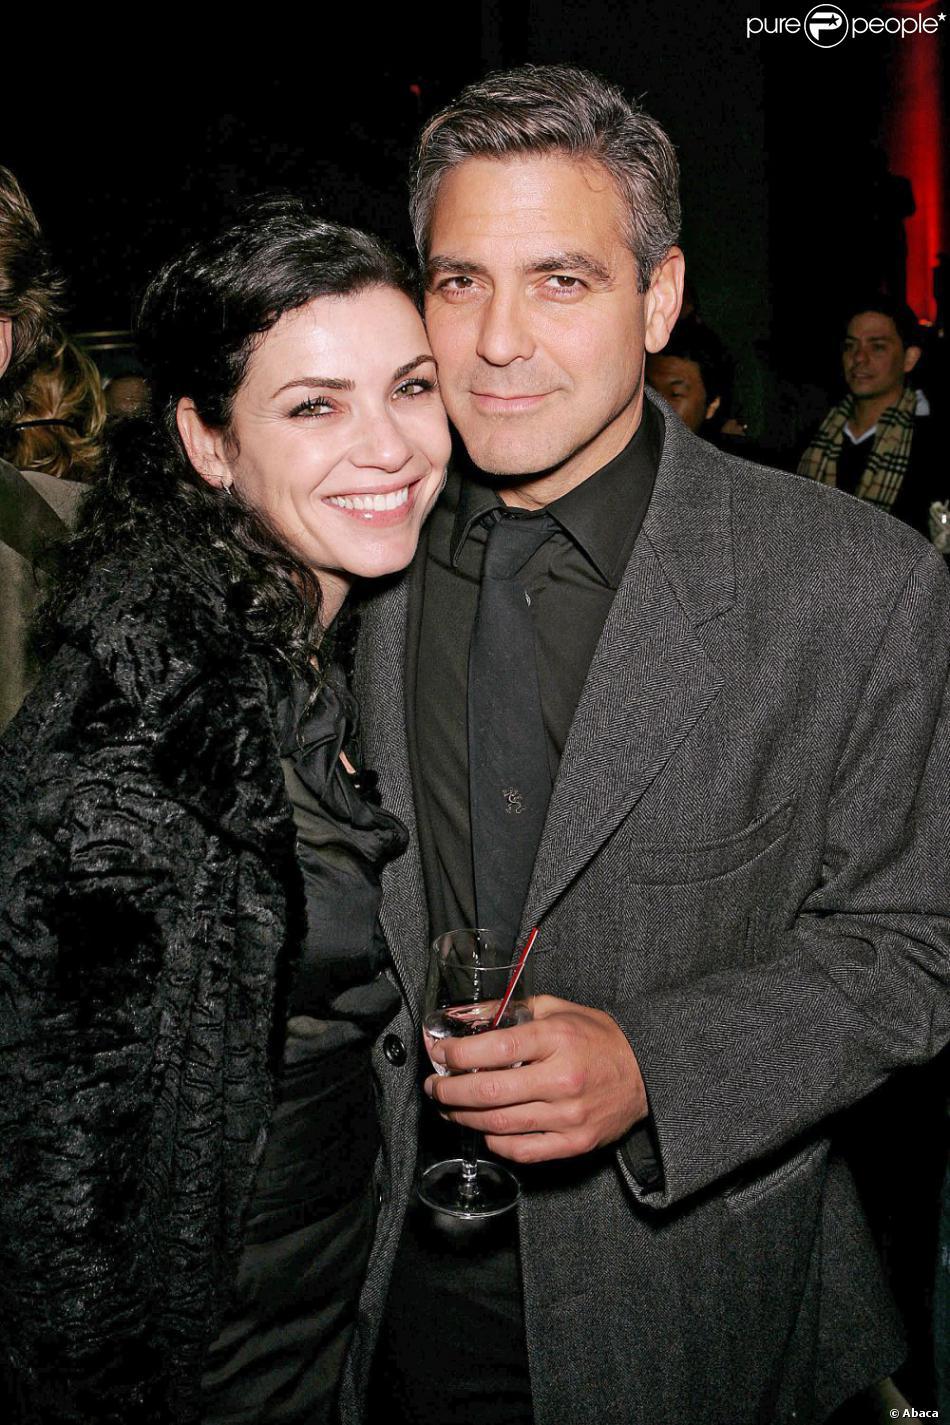 Julianna Margulies et George Clooney à New York le 20 novembre 2005.